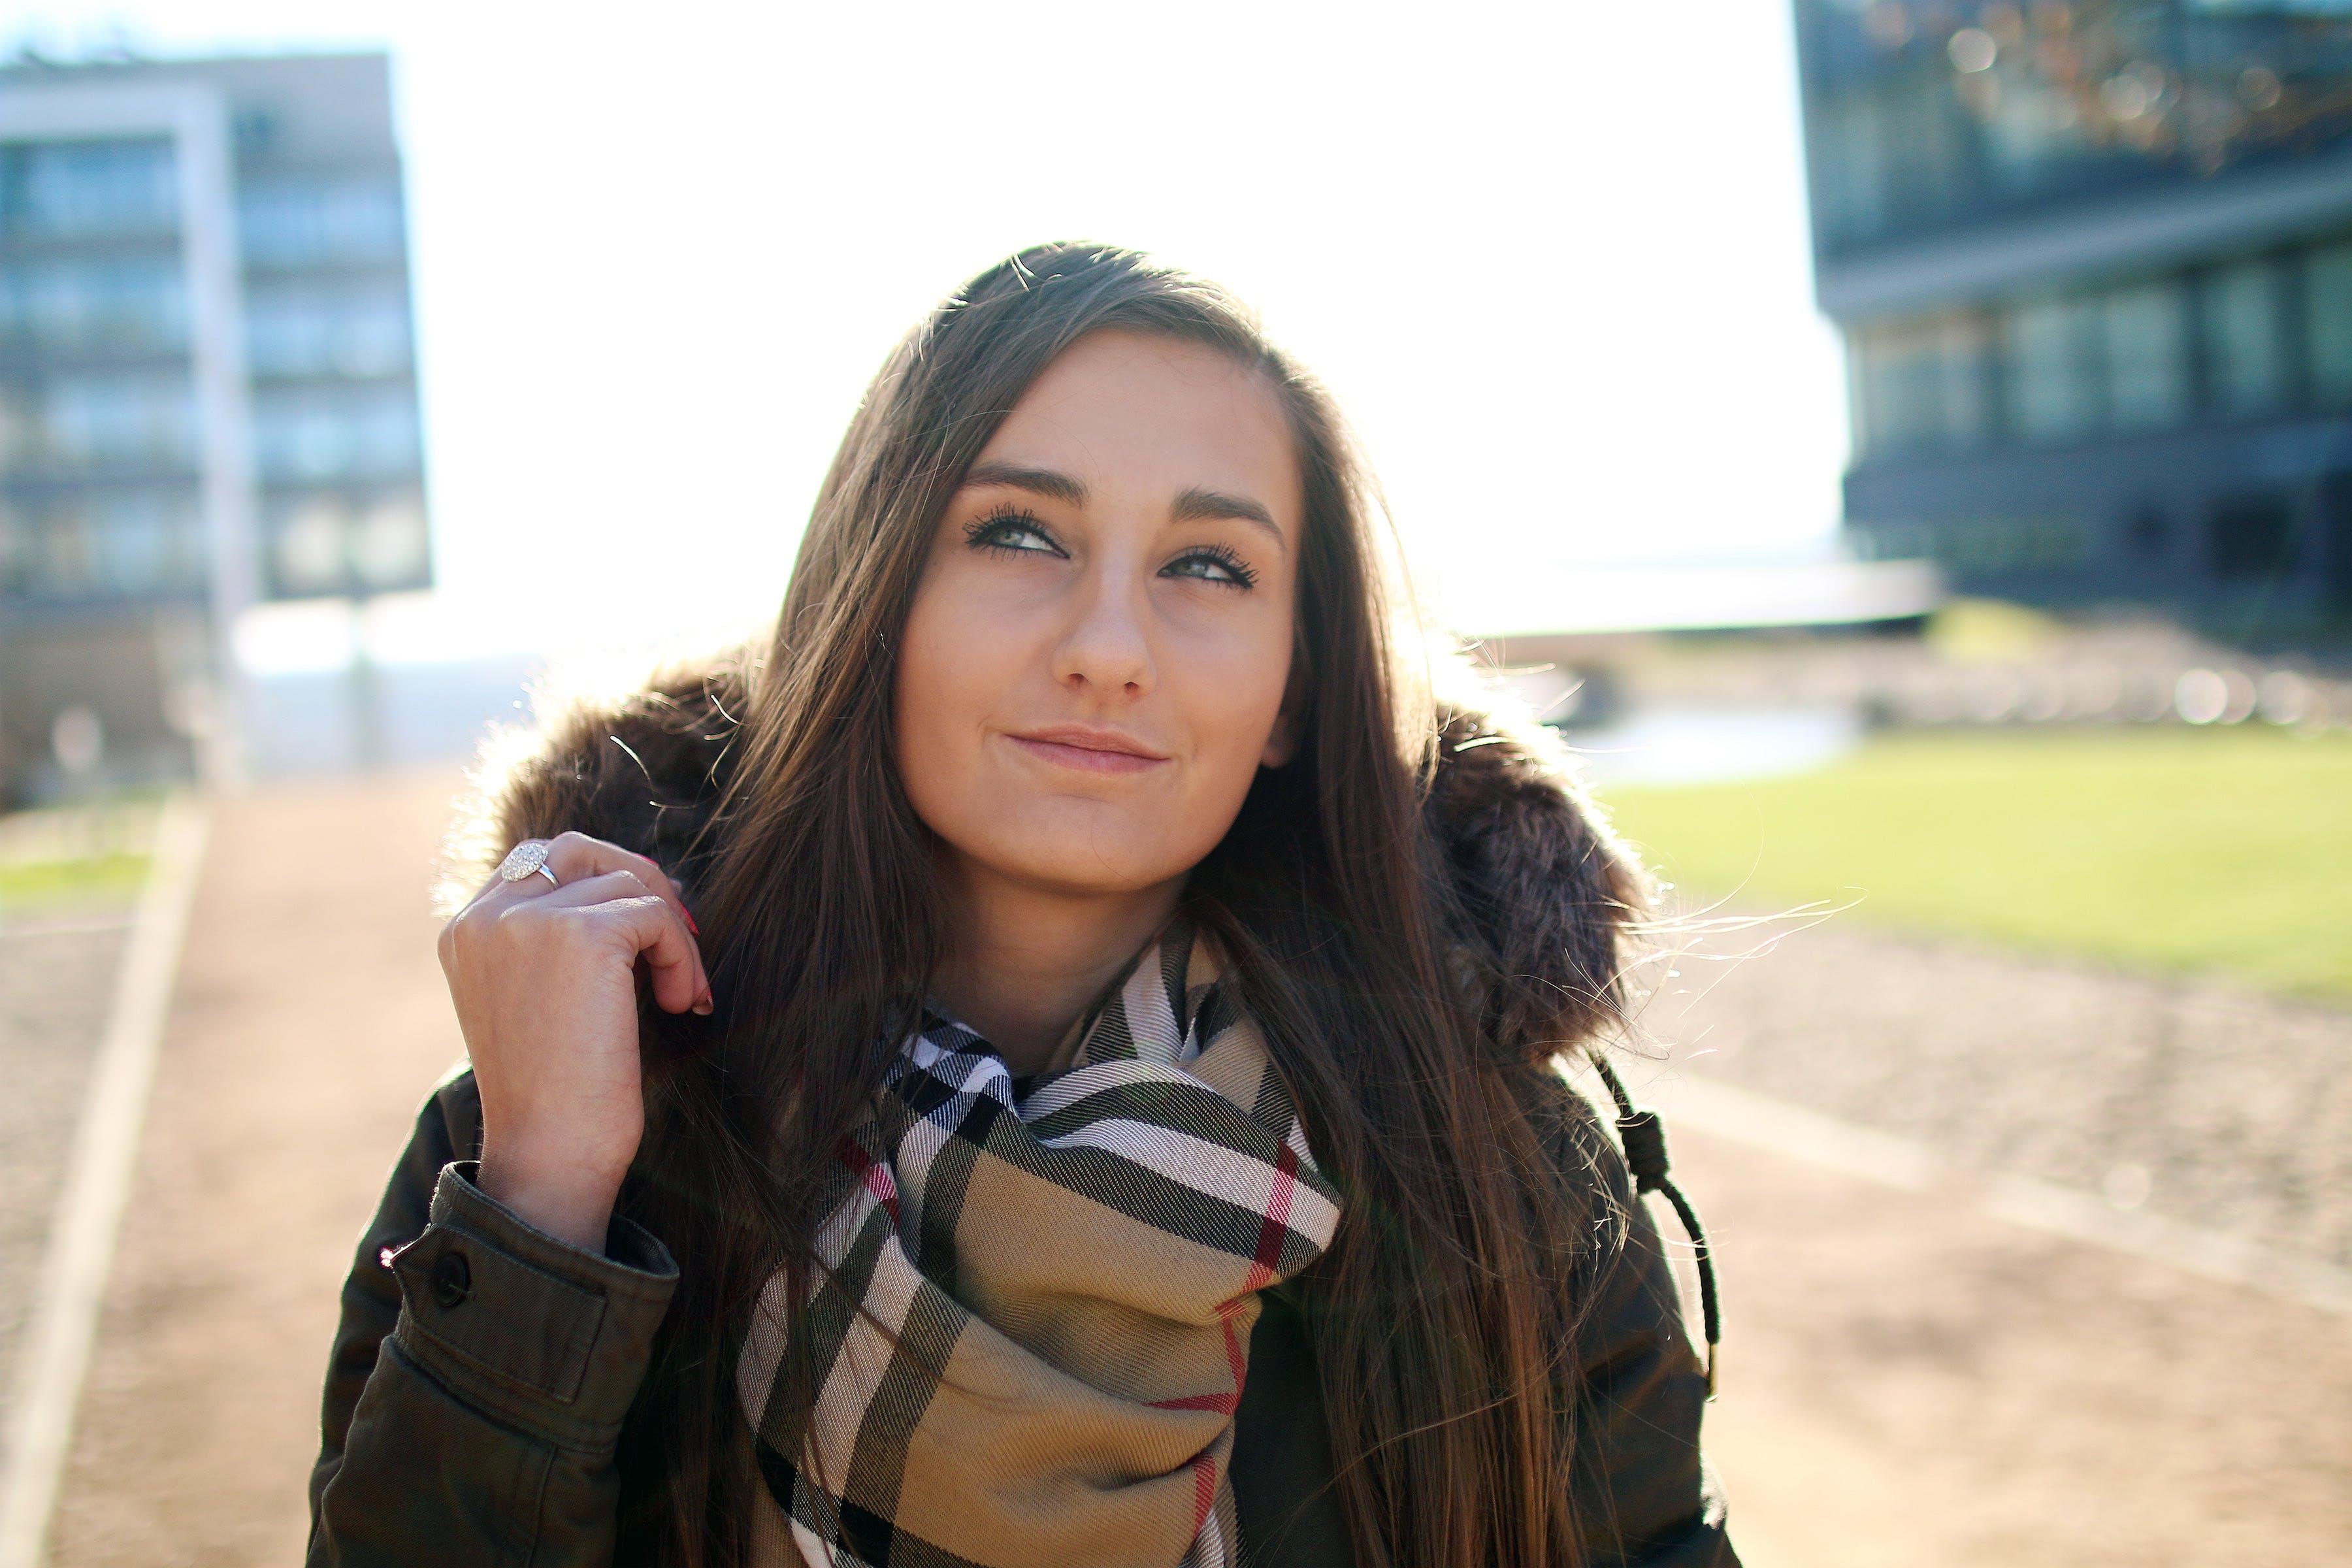 Woman Wearing Black Parka Jacket Smiling